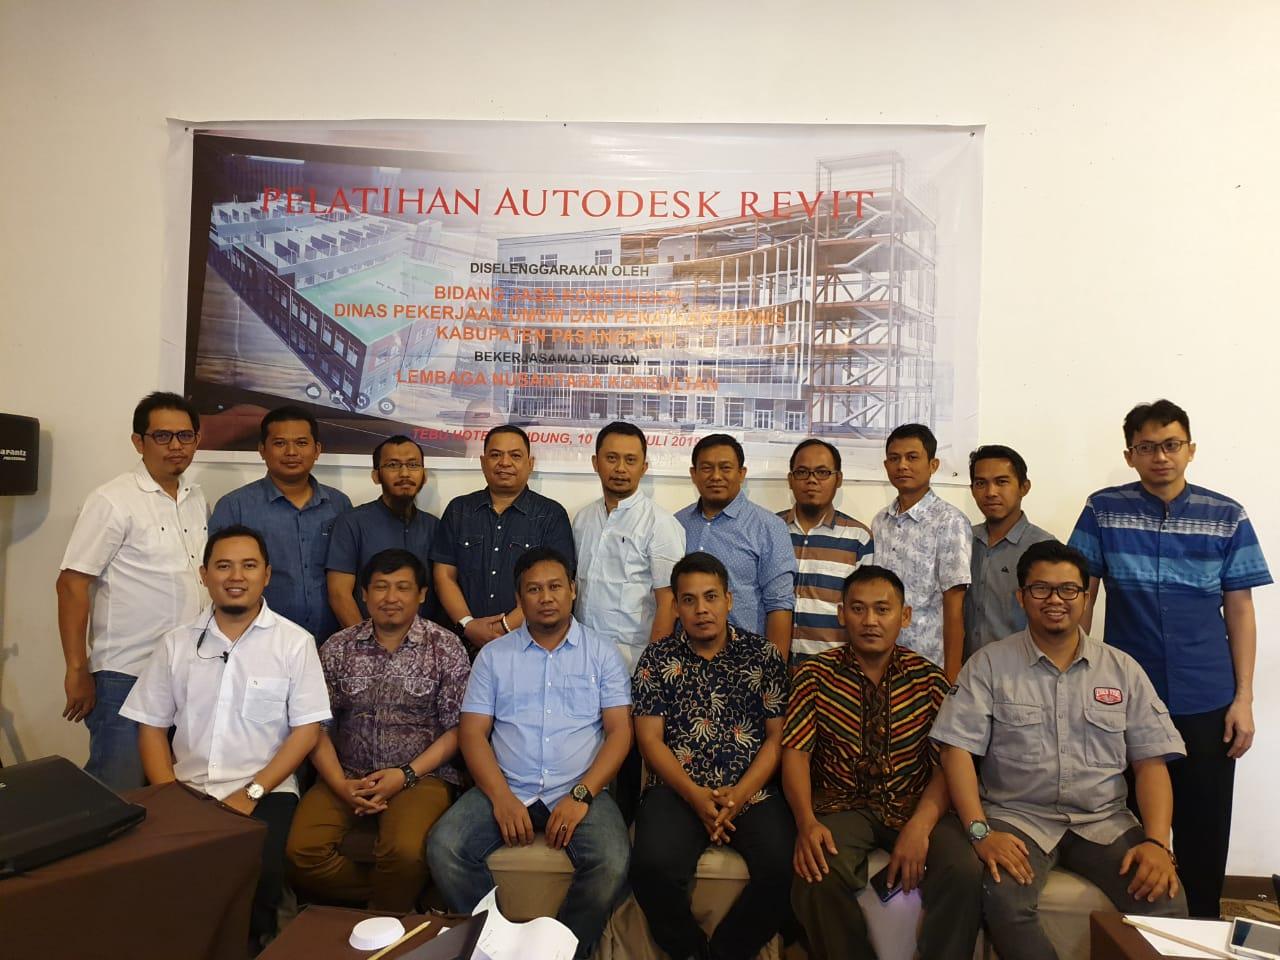 Sekkab Pasangkayu Harap Pelatihan Autodesk Revit Menjalar ke OPD Lain.